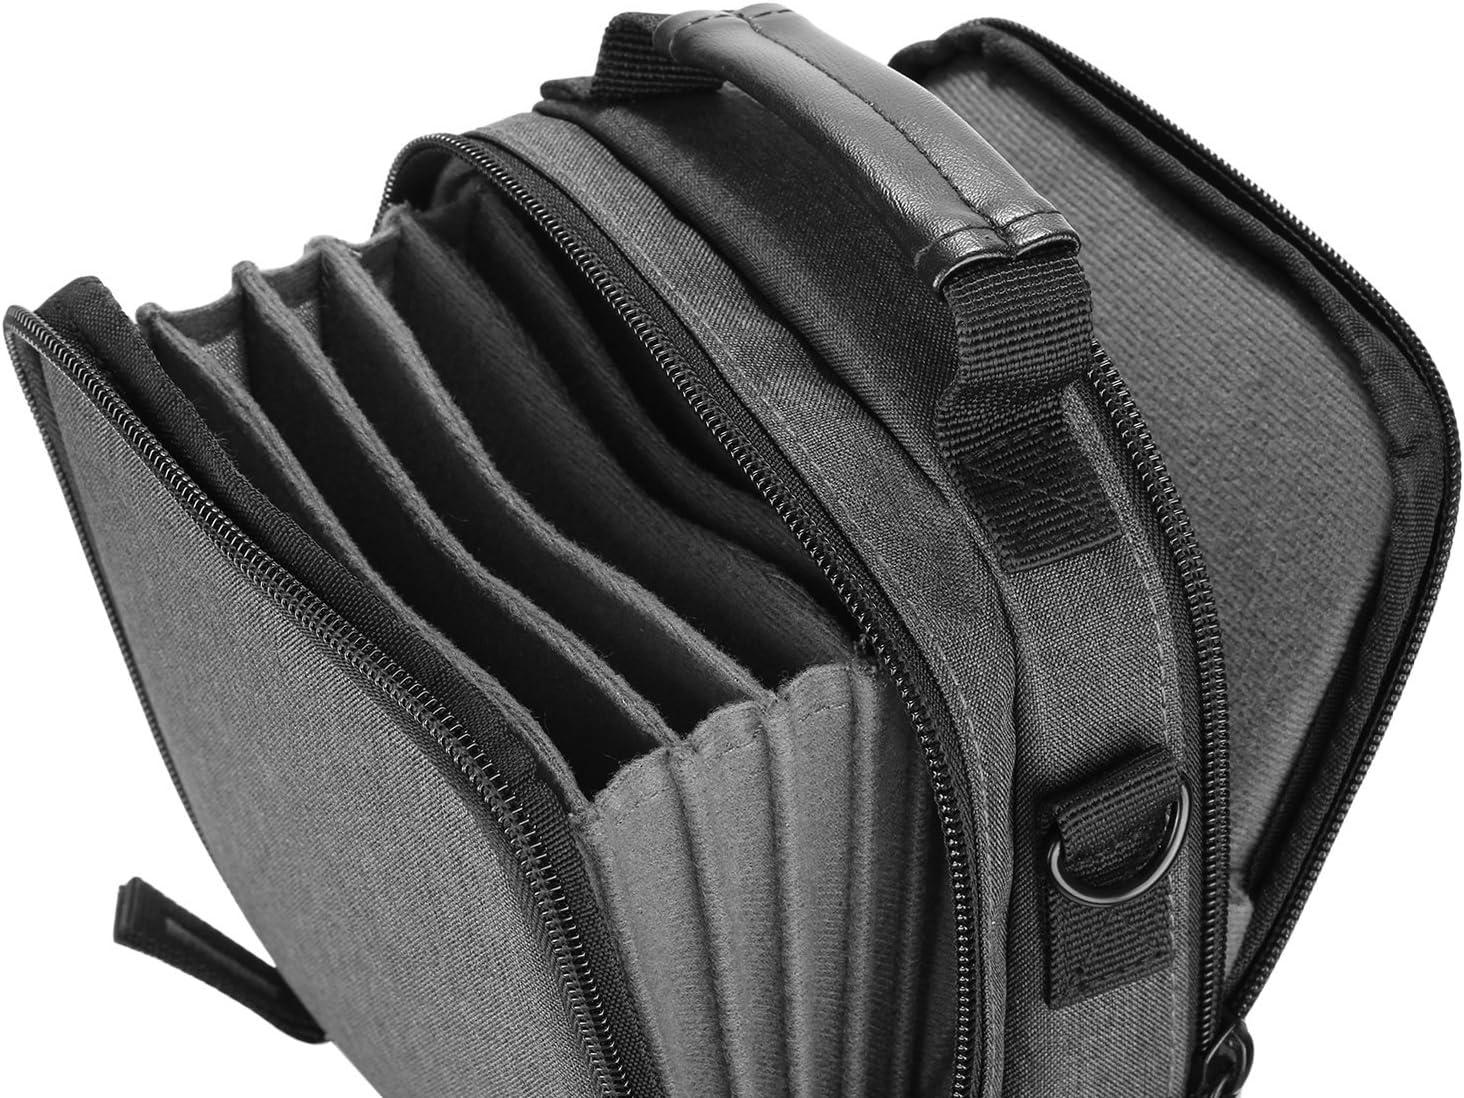 Neewer Kamera Objektiv Filter Tasche Mit Schultergurt Kamera